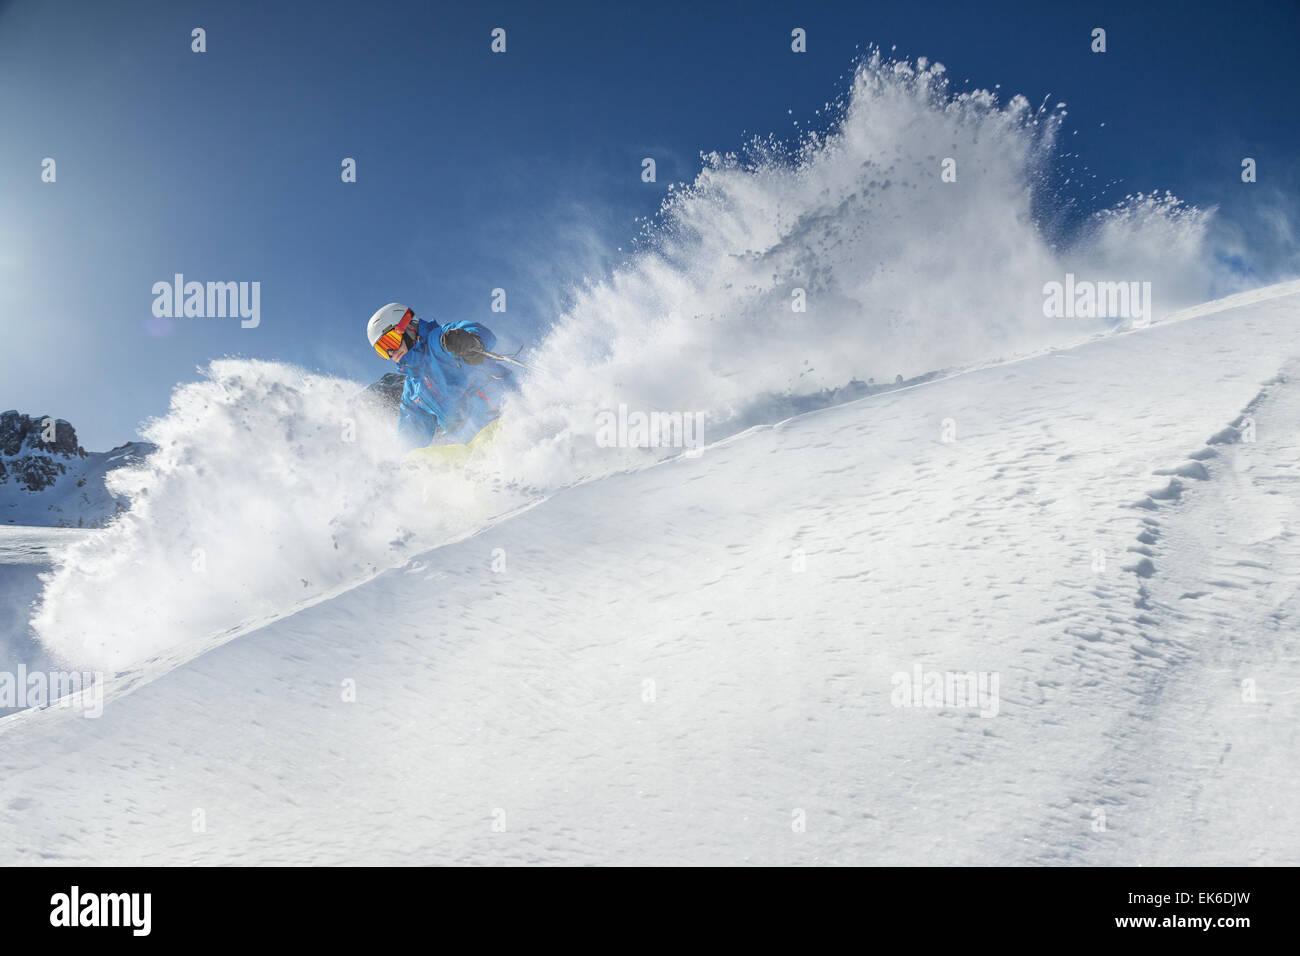 Esquiador alpino de esquí en las montañas elevadas durante el día soleado. Imagen De Stock